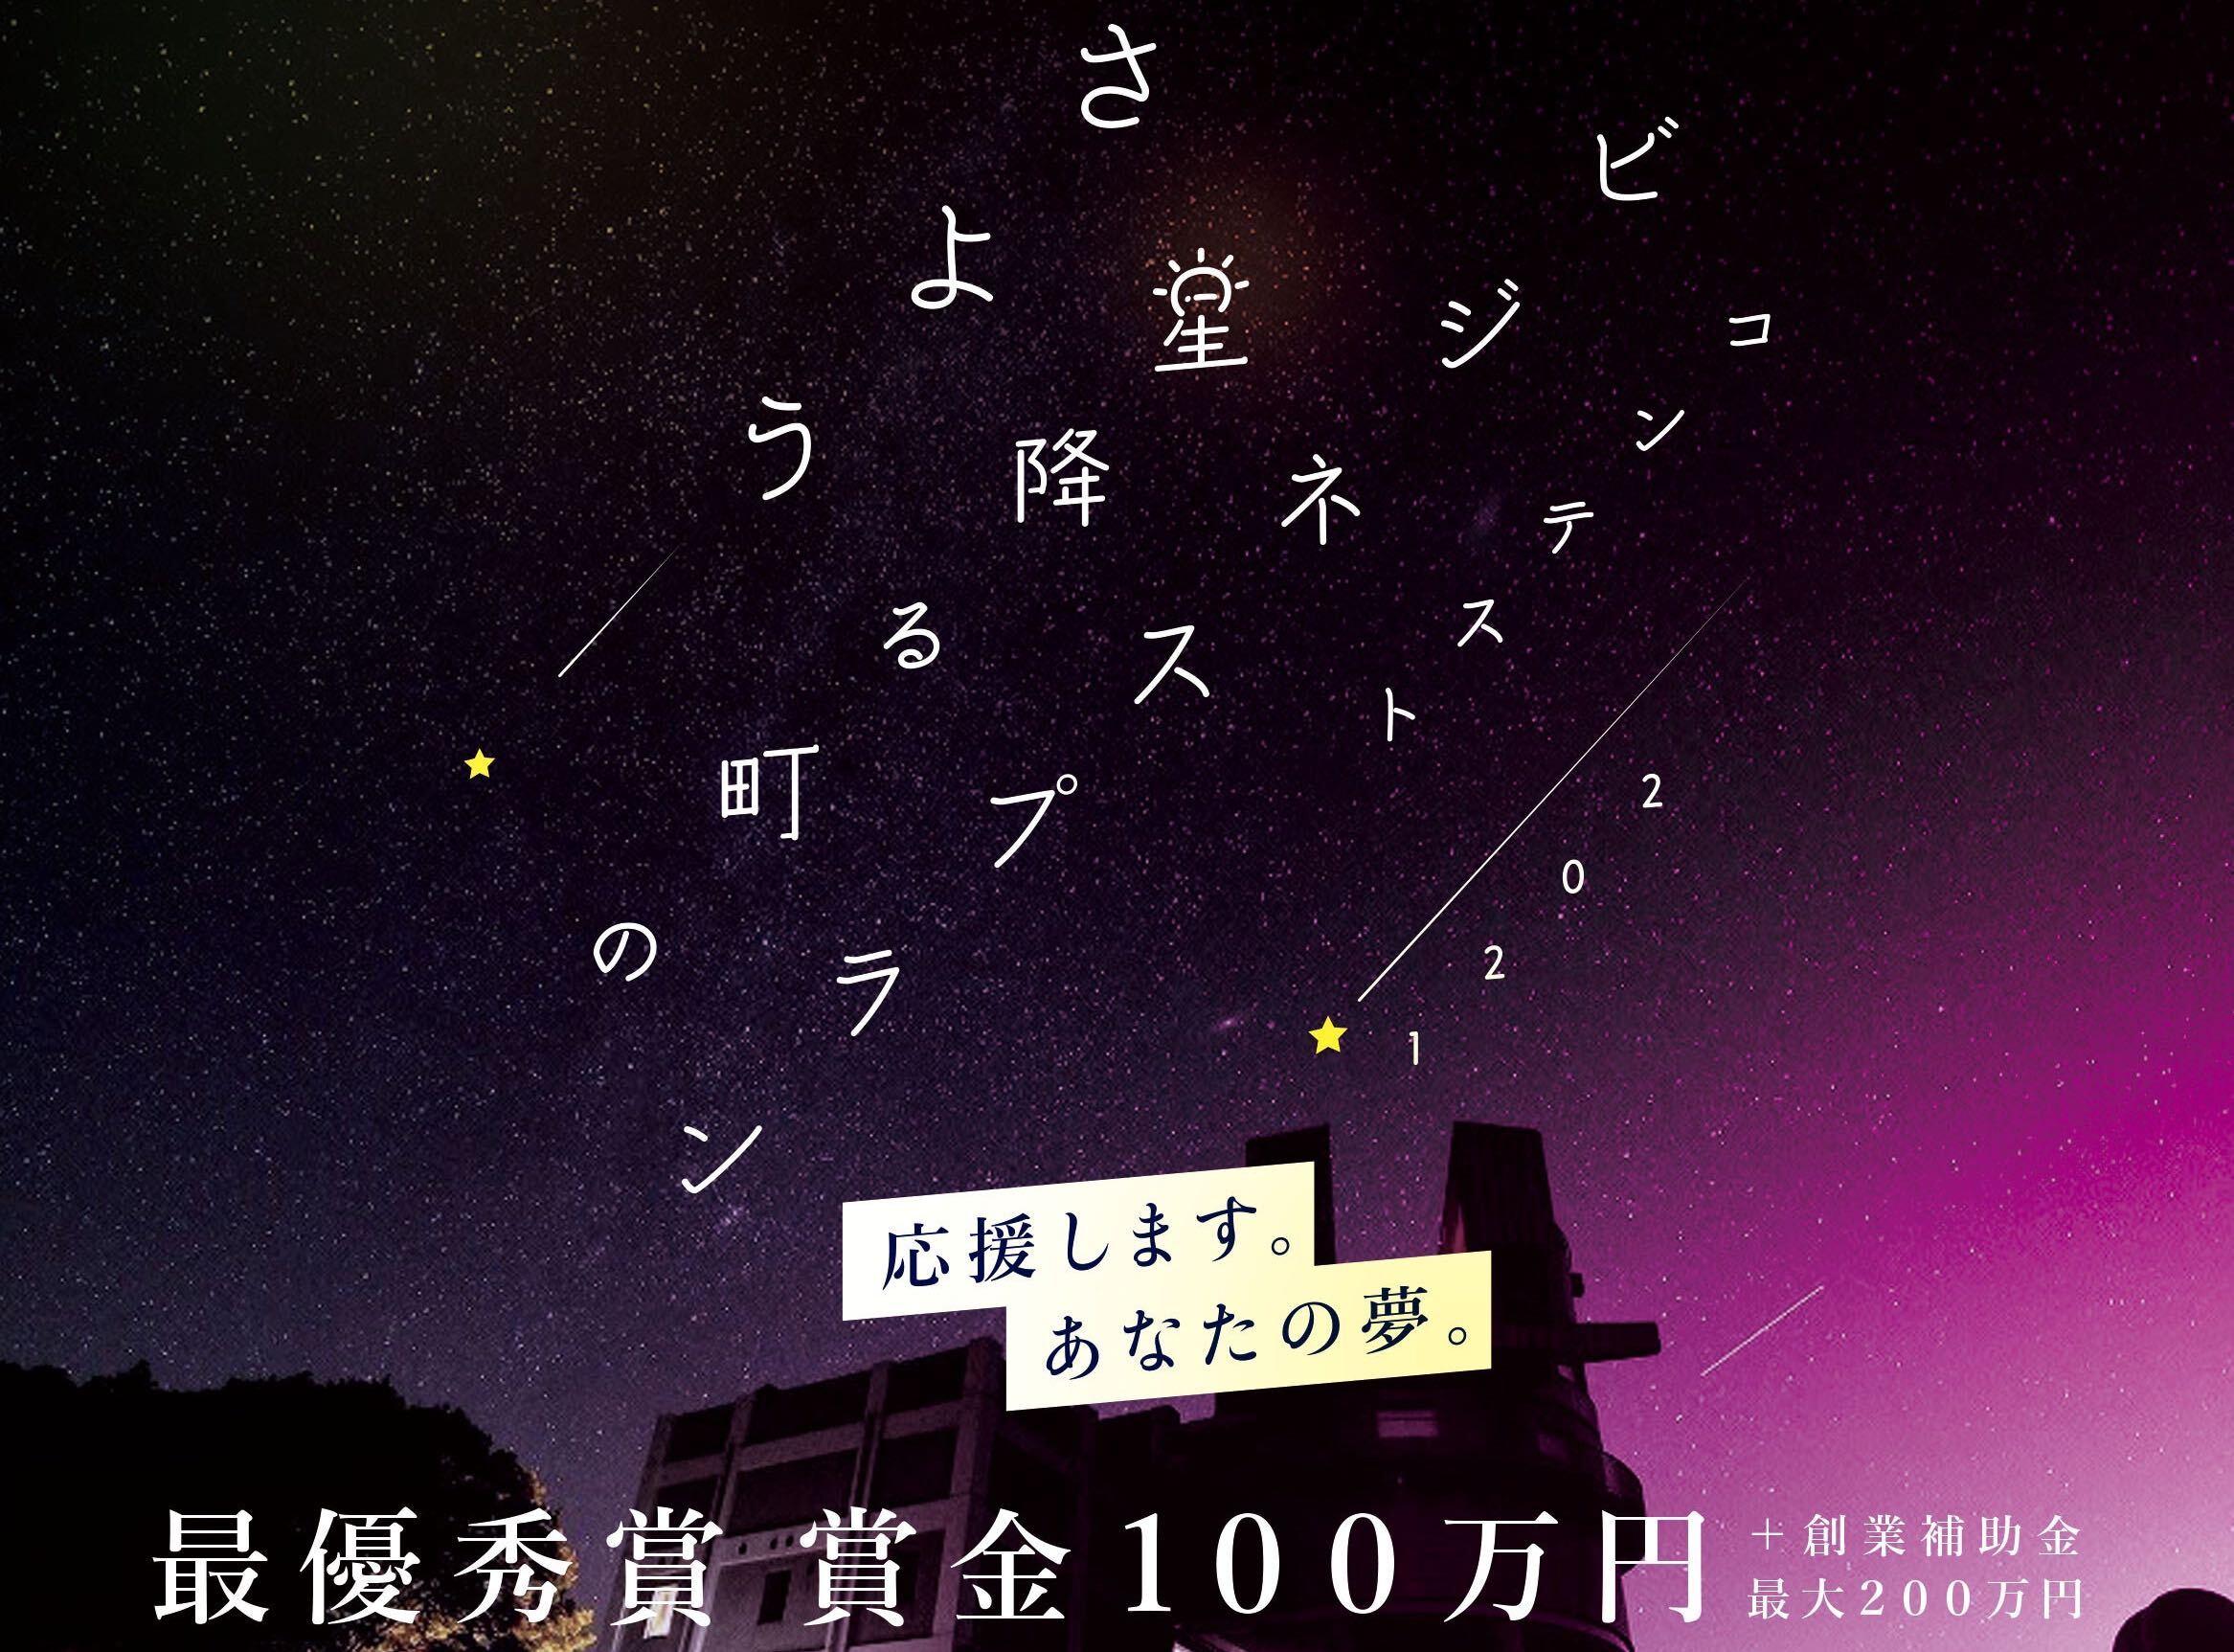 [告知]佐用でビジコンやるってよ!〜「さよう星降る町のビジネスプランコンテスト2021」〜